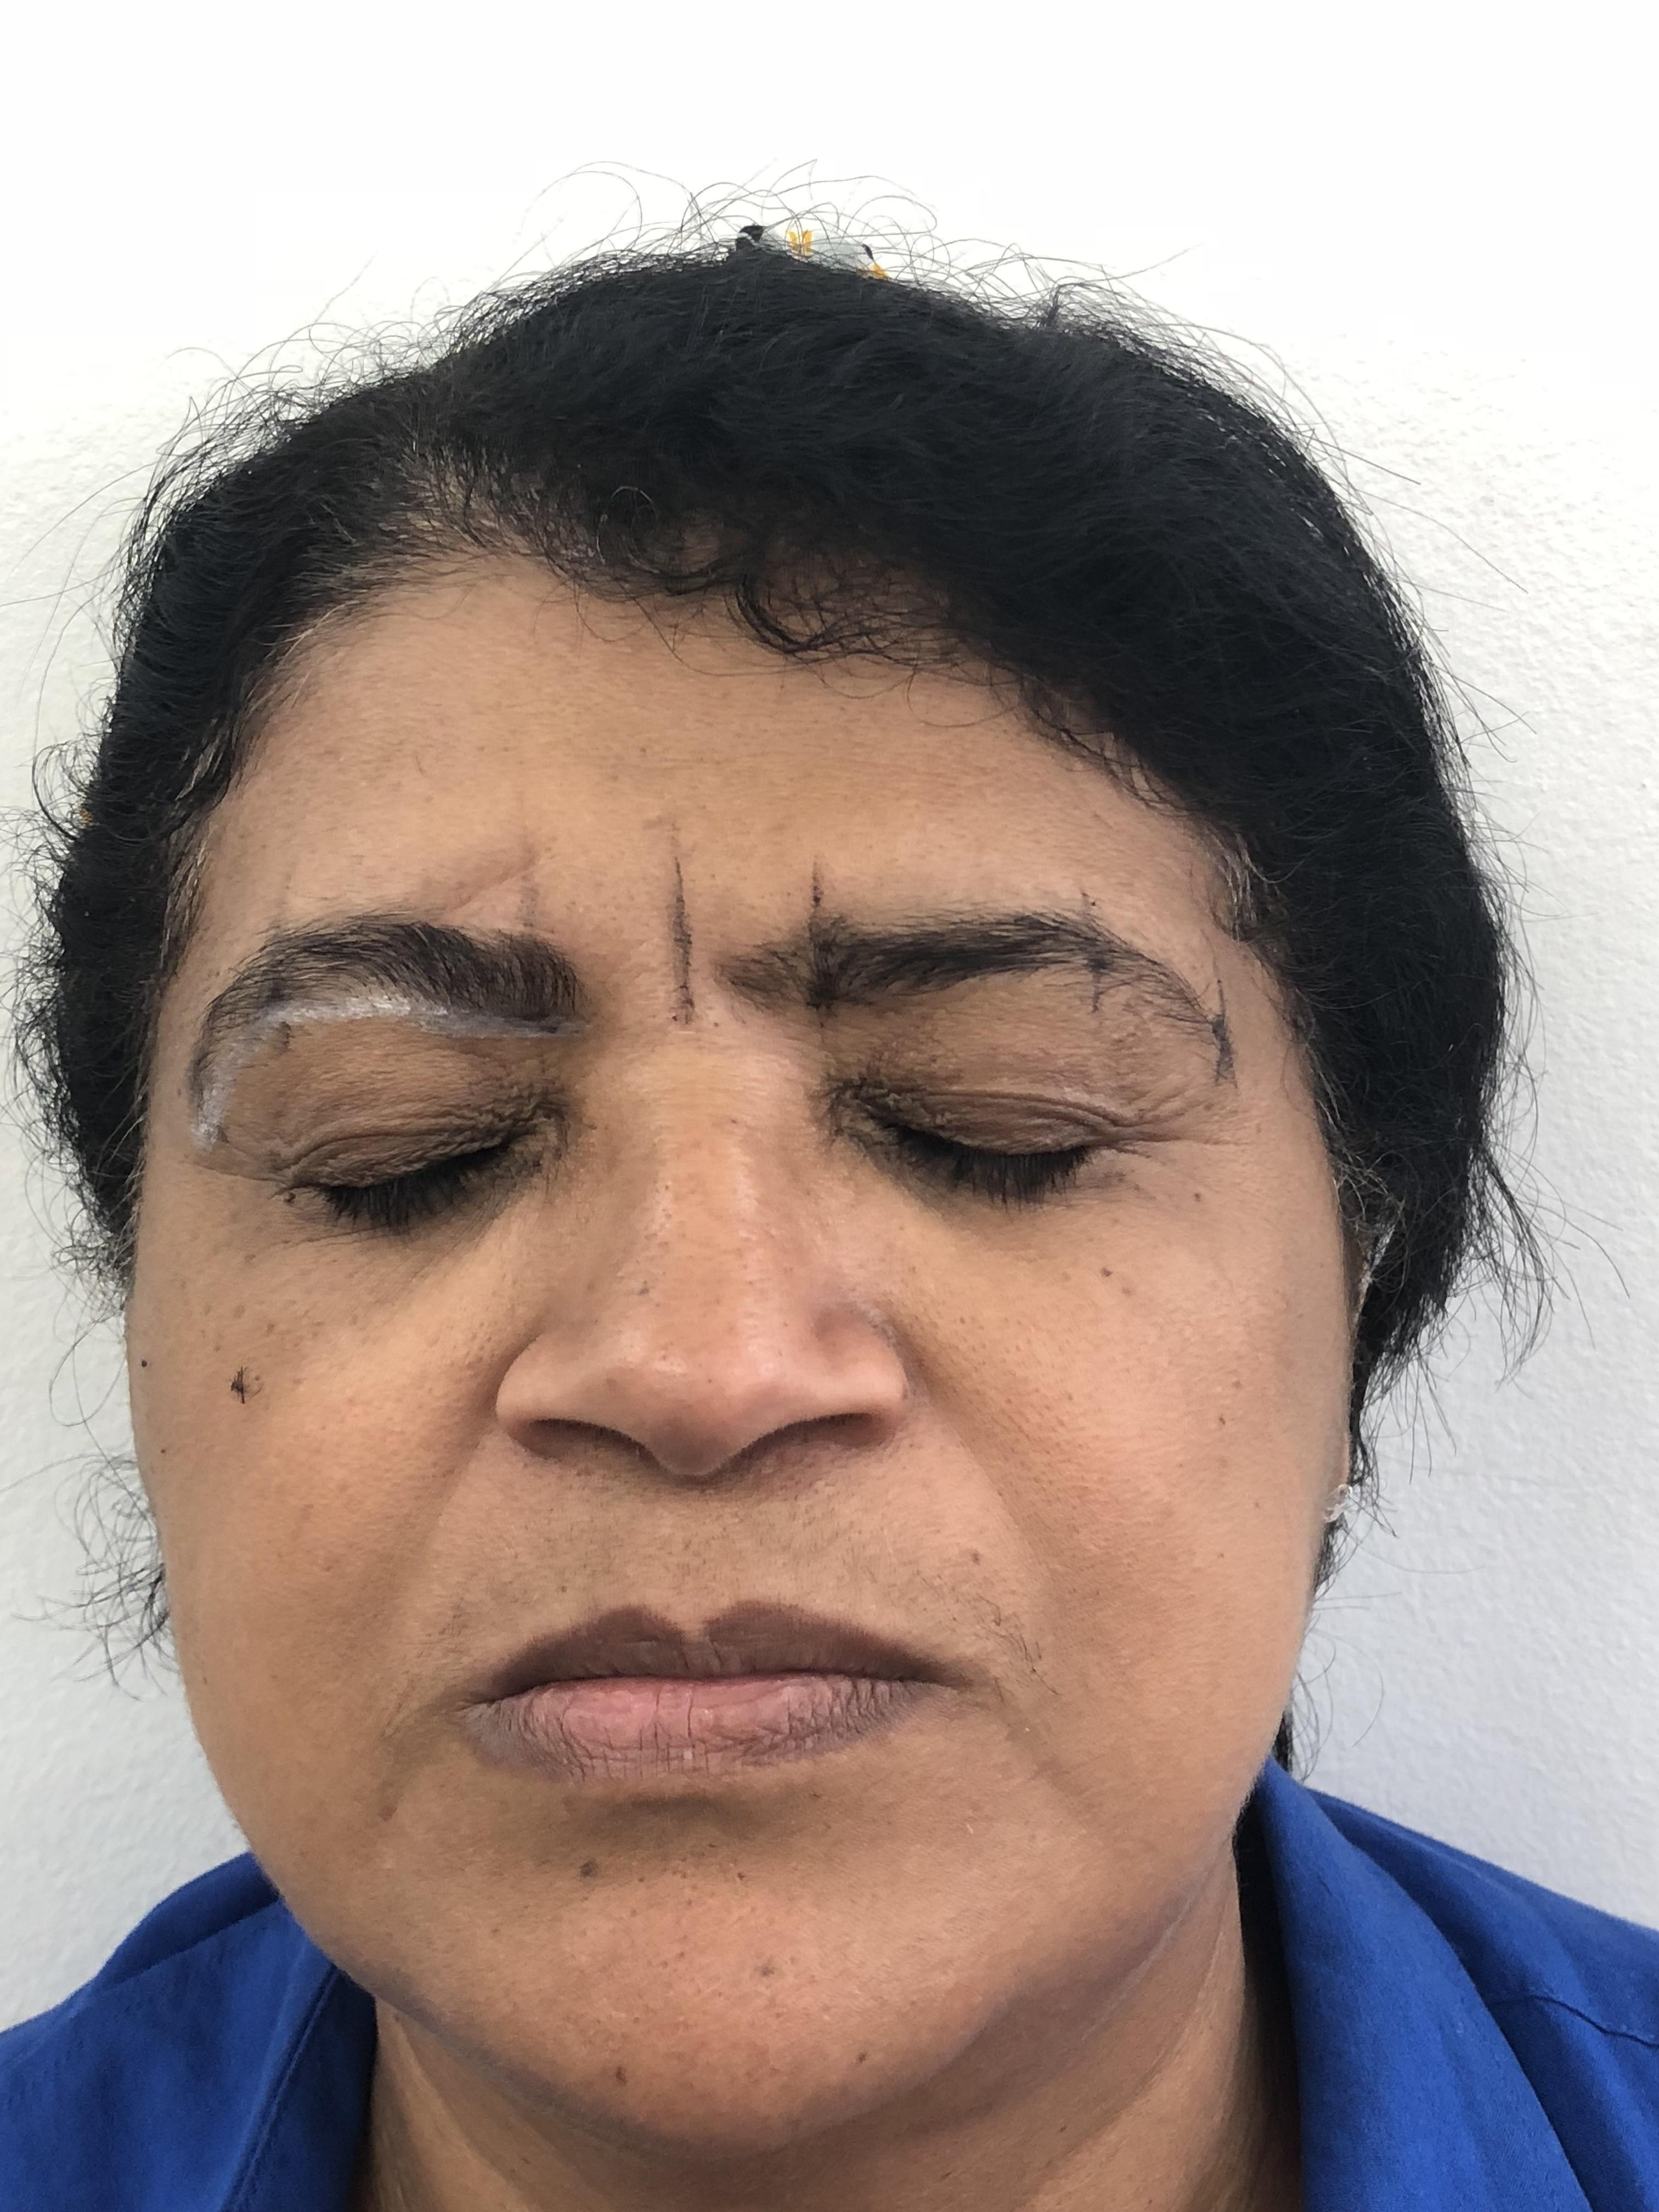 Procedimento:  Design de sobrancelha  Henna.  estética maquiador(a) designer de sobrancelhas outros micropigmentador(a)